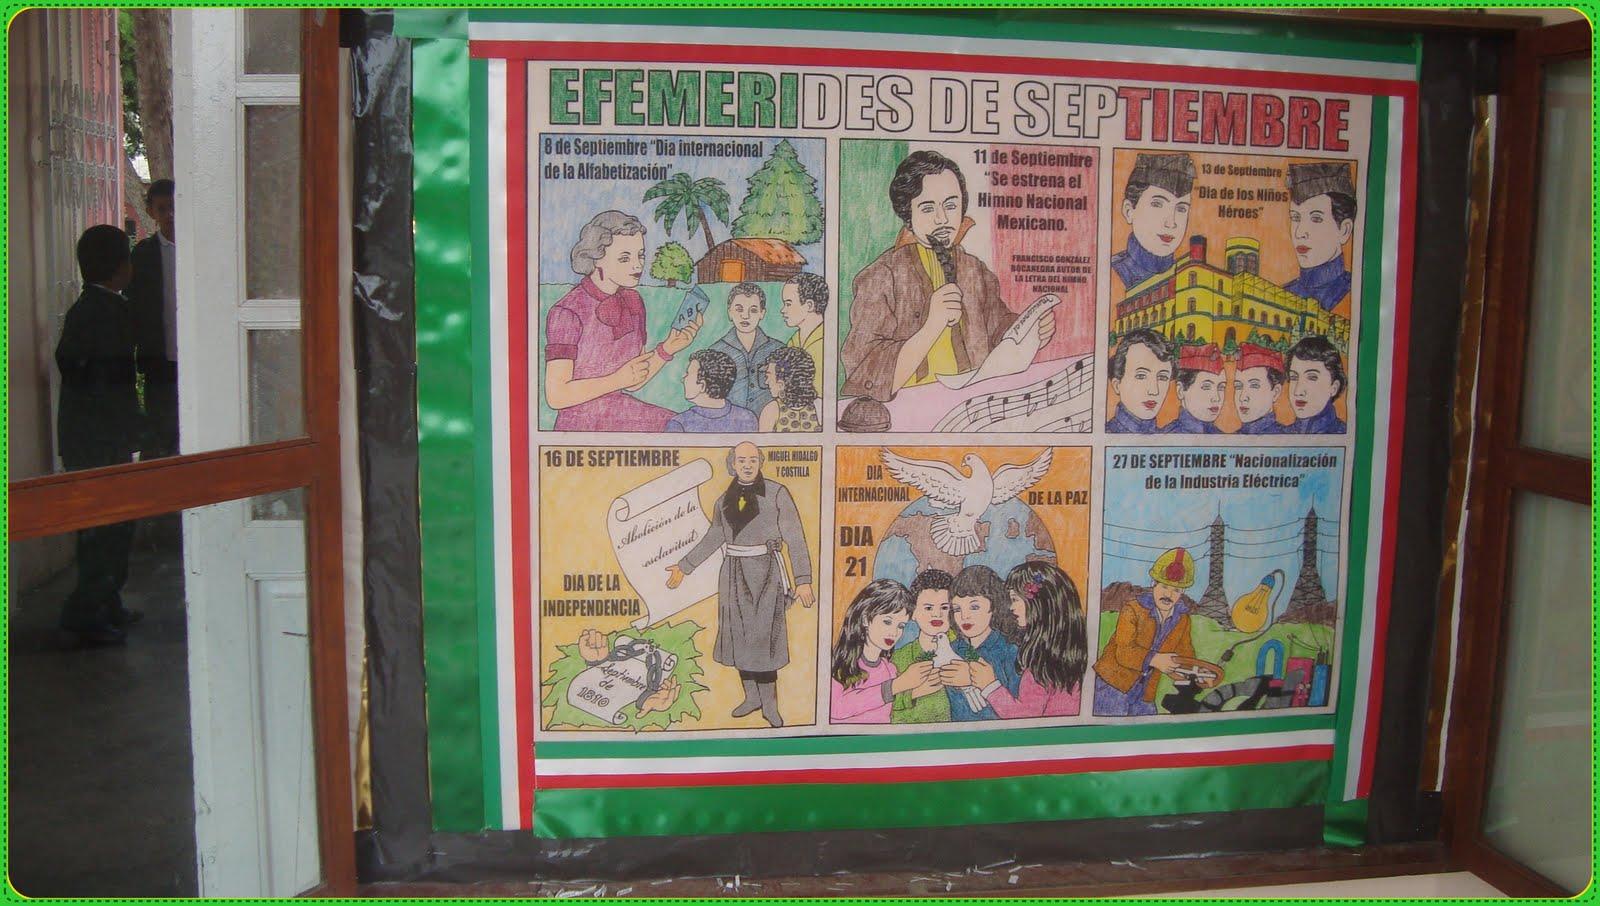 Efemerides de junio para periodico mural for Estructura del periodico mural wikipedia